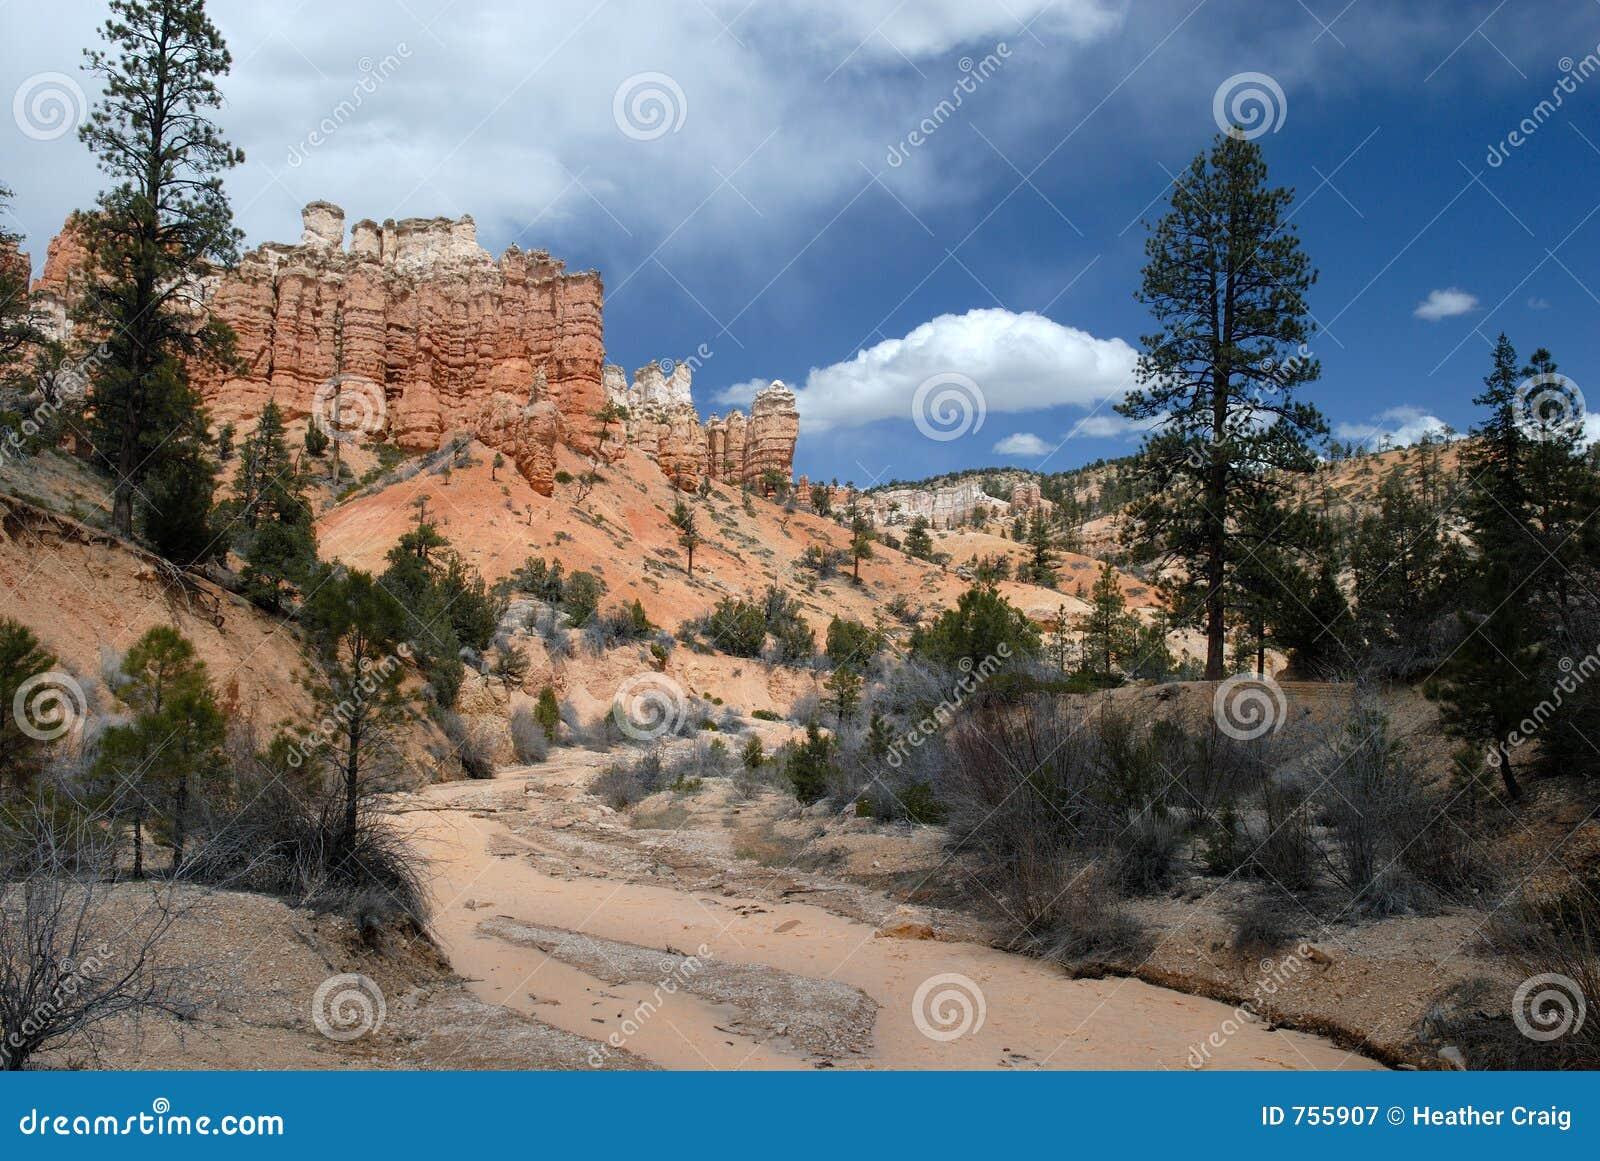 Río del desierto y rocas rojas: Paisaje